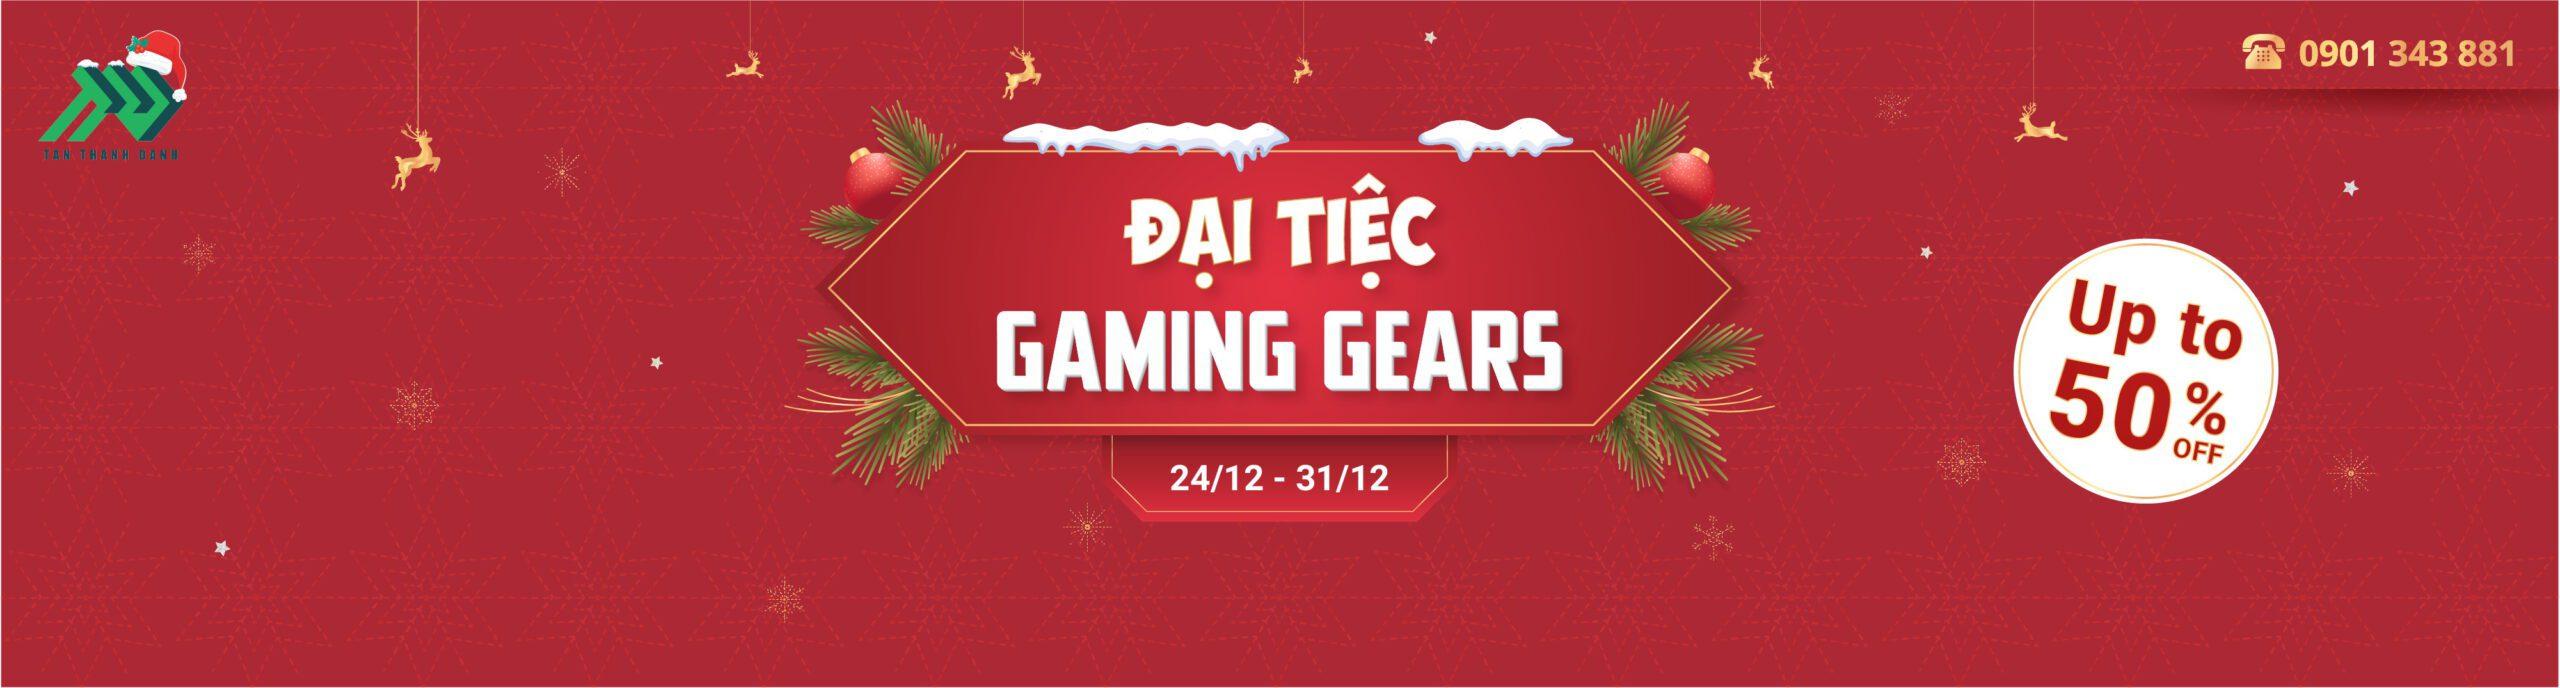 TTD Promotion 202012 DaiTiecGGXmas Title scaled